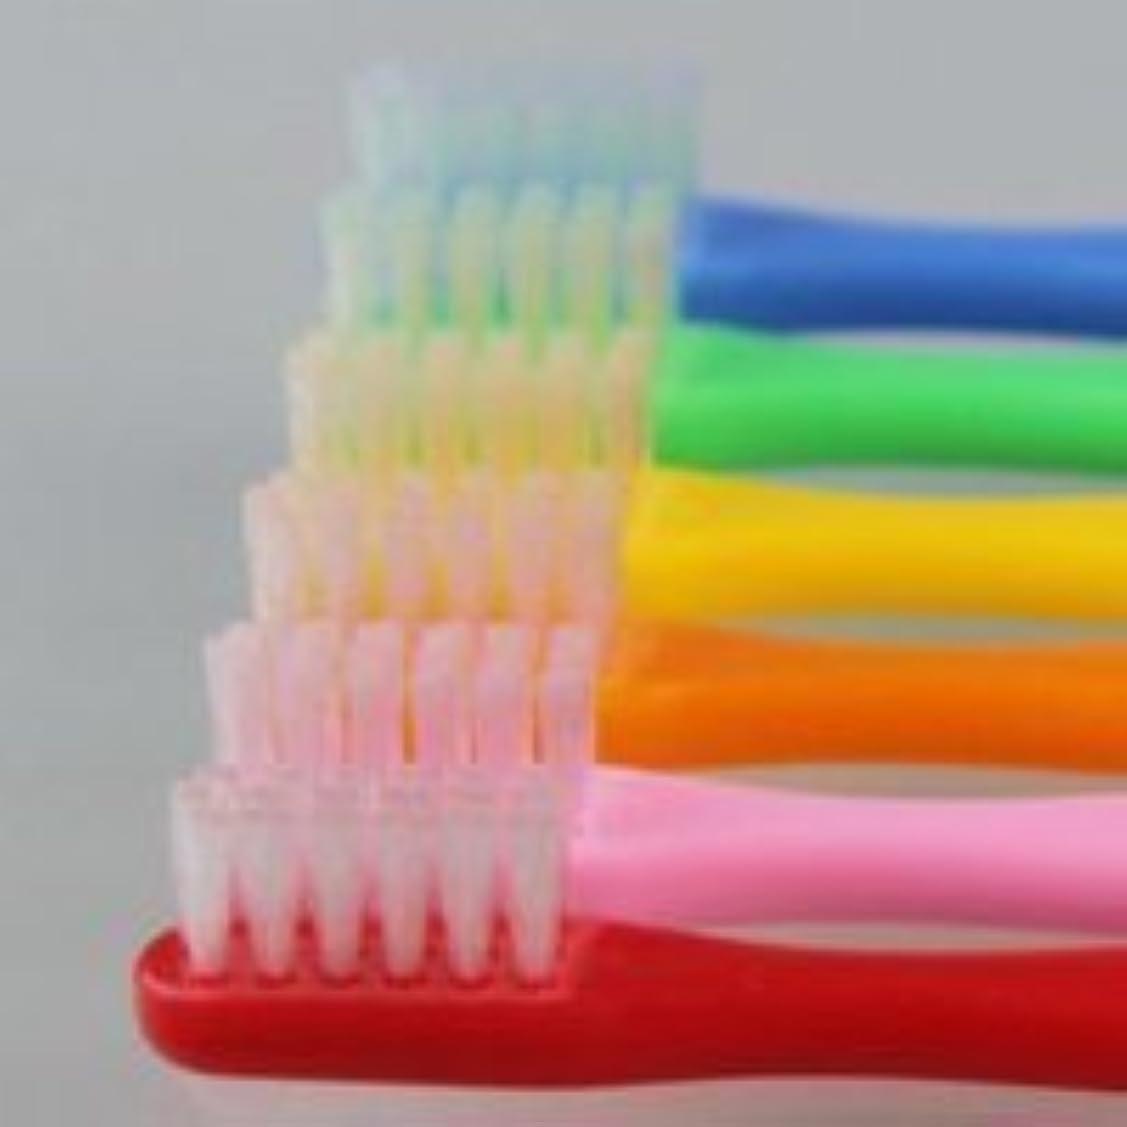 側溝代理人啓発するサムフレンド 歯ブラシ #10(乳歯~6才向け) 6本 ※お色は当店お任せです